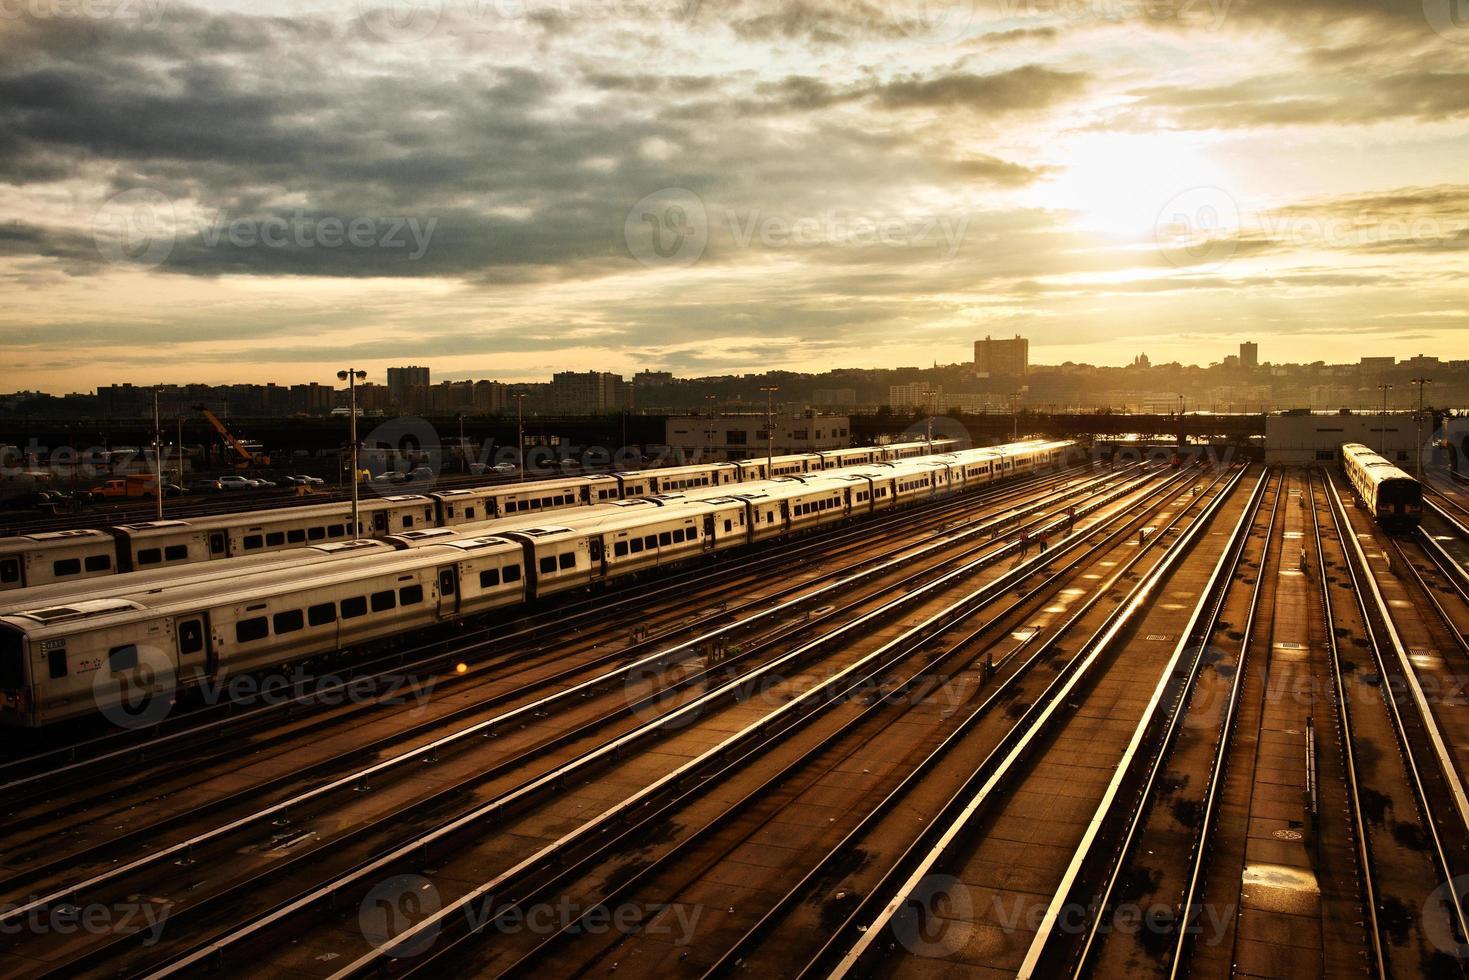 treinstation met trein onder zonsondergang foto